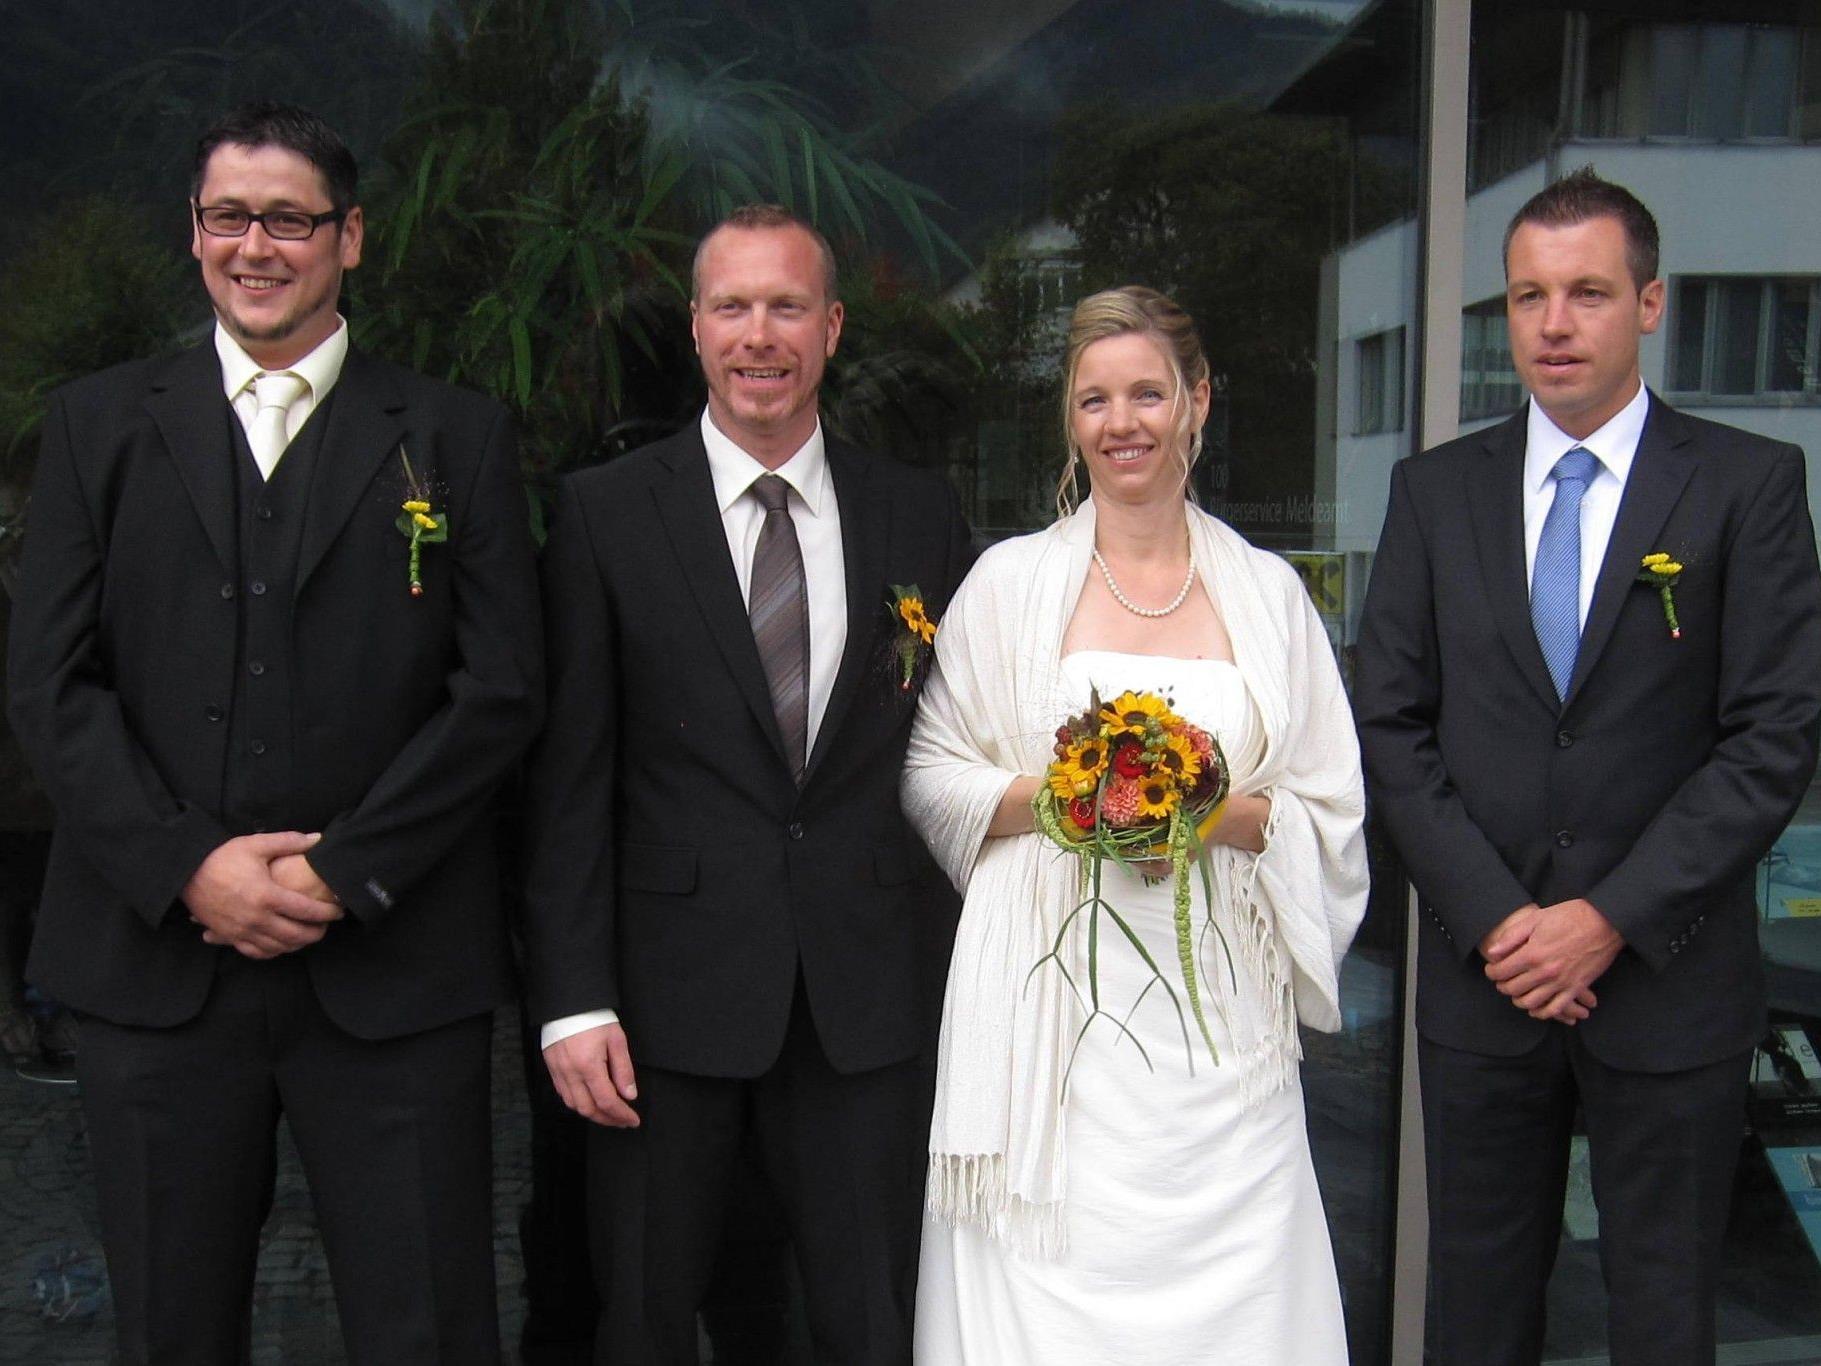 Hochzeit Silke Mattern und Stefan Kofler